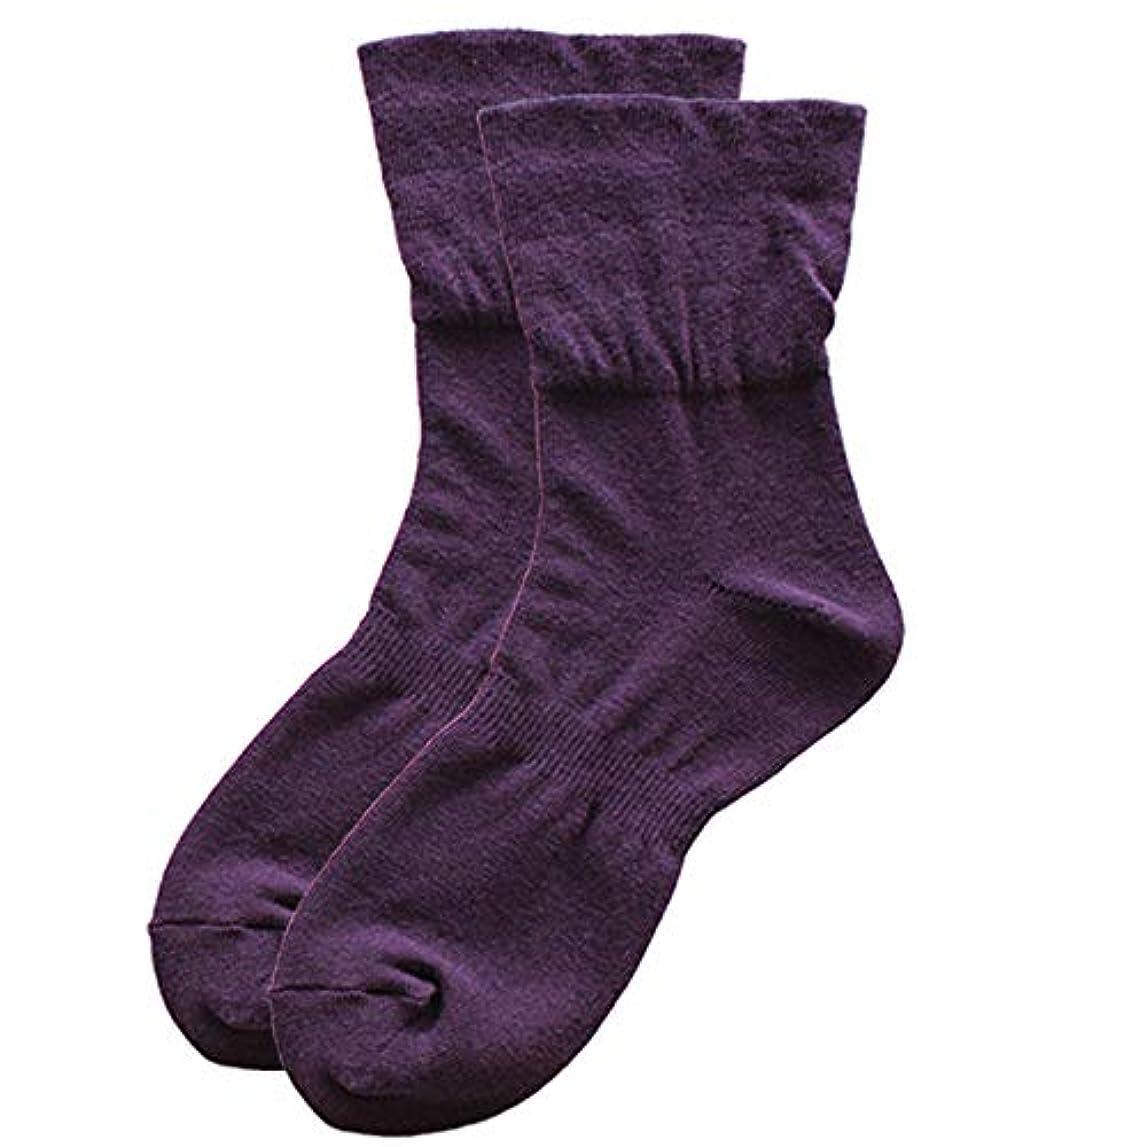 才能のあるプット抑圧歩くぬか袋 締めつけない靴下 23-25cm パープル